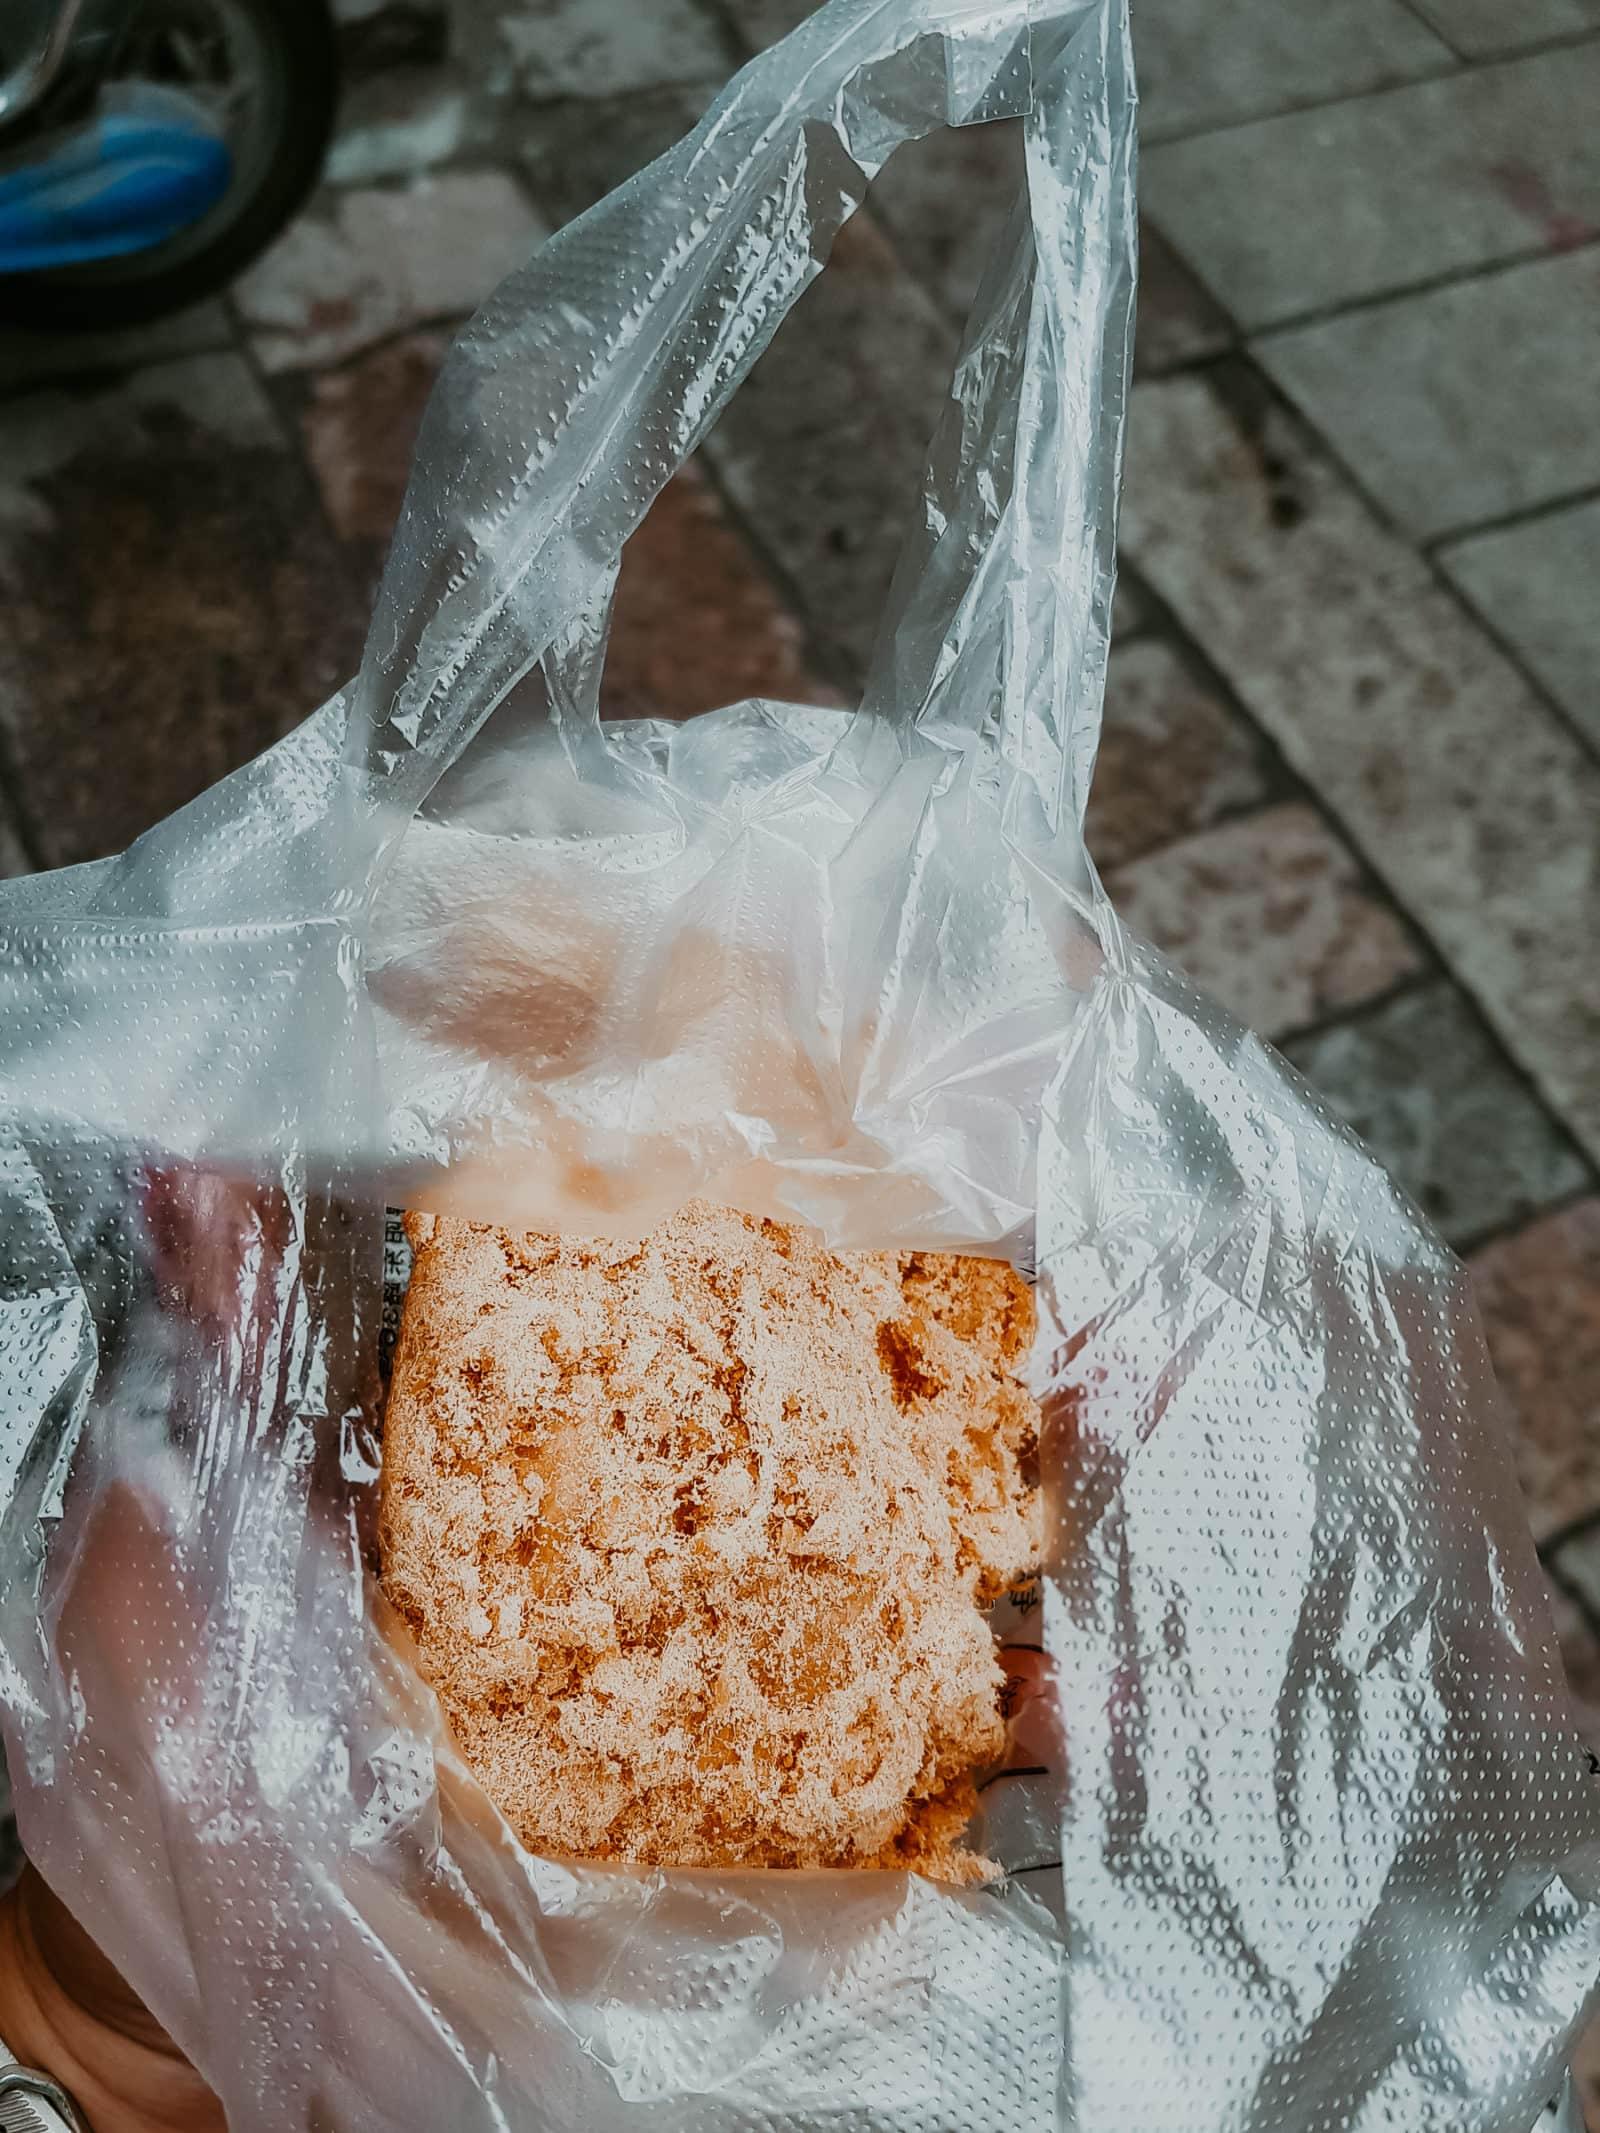 Suzhou Essen Spezialitäten Street Food